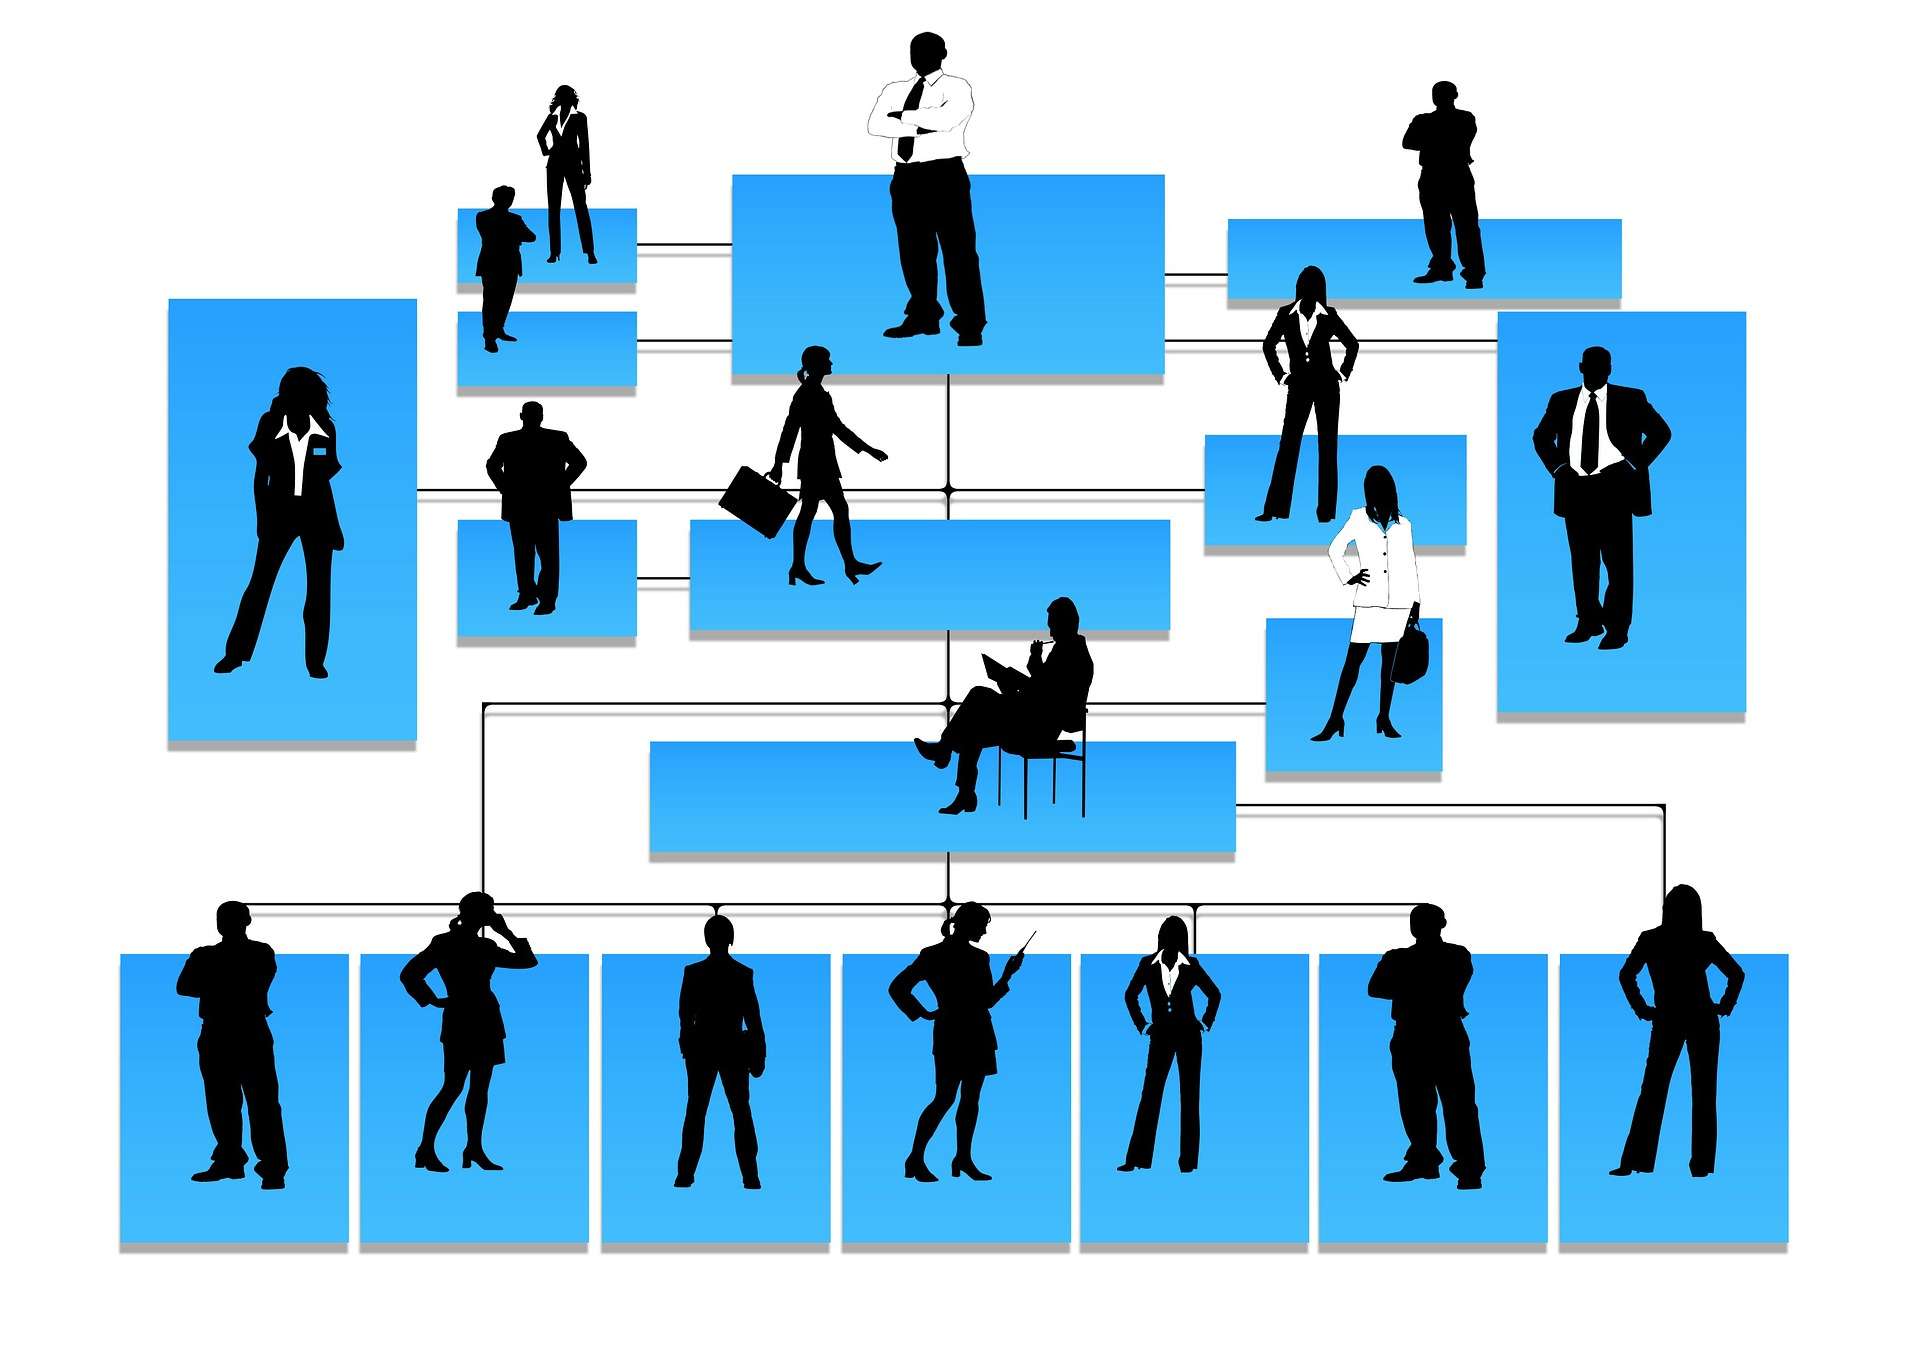 Kuvassa on ihmishahmoista piirretty hierarkia, joka kuvaa erilaisia työtehtäviä organisaatiossa.